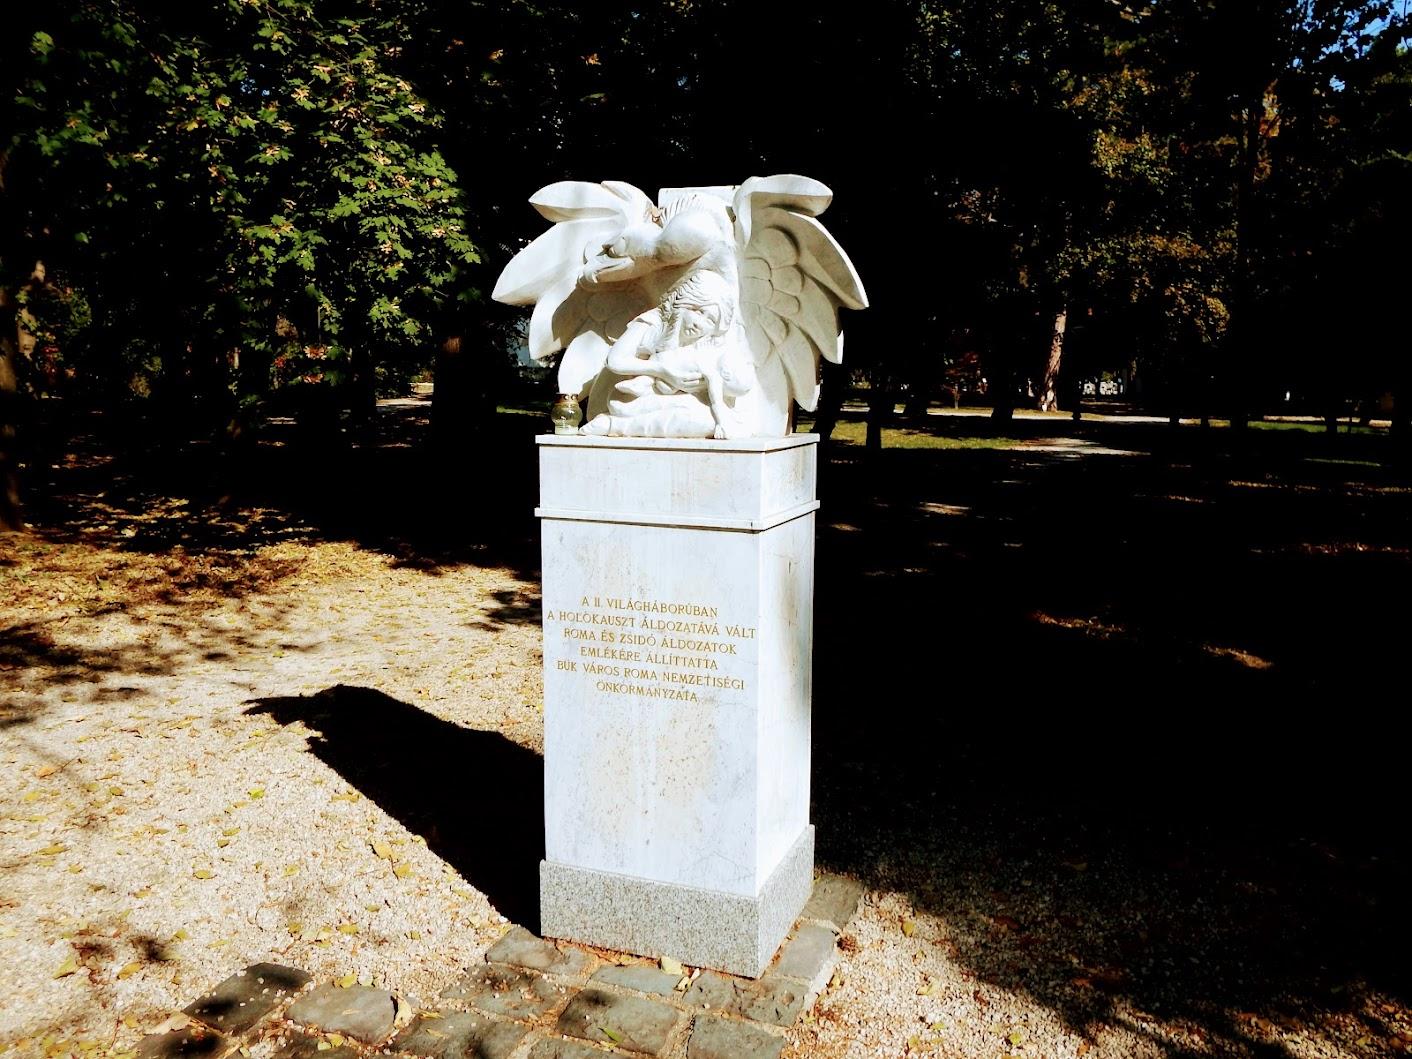 Bük - A roma holokauszt áldozatainak emlékműve a templomkertben